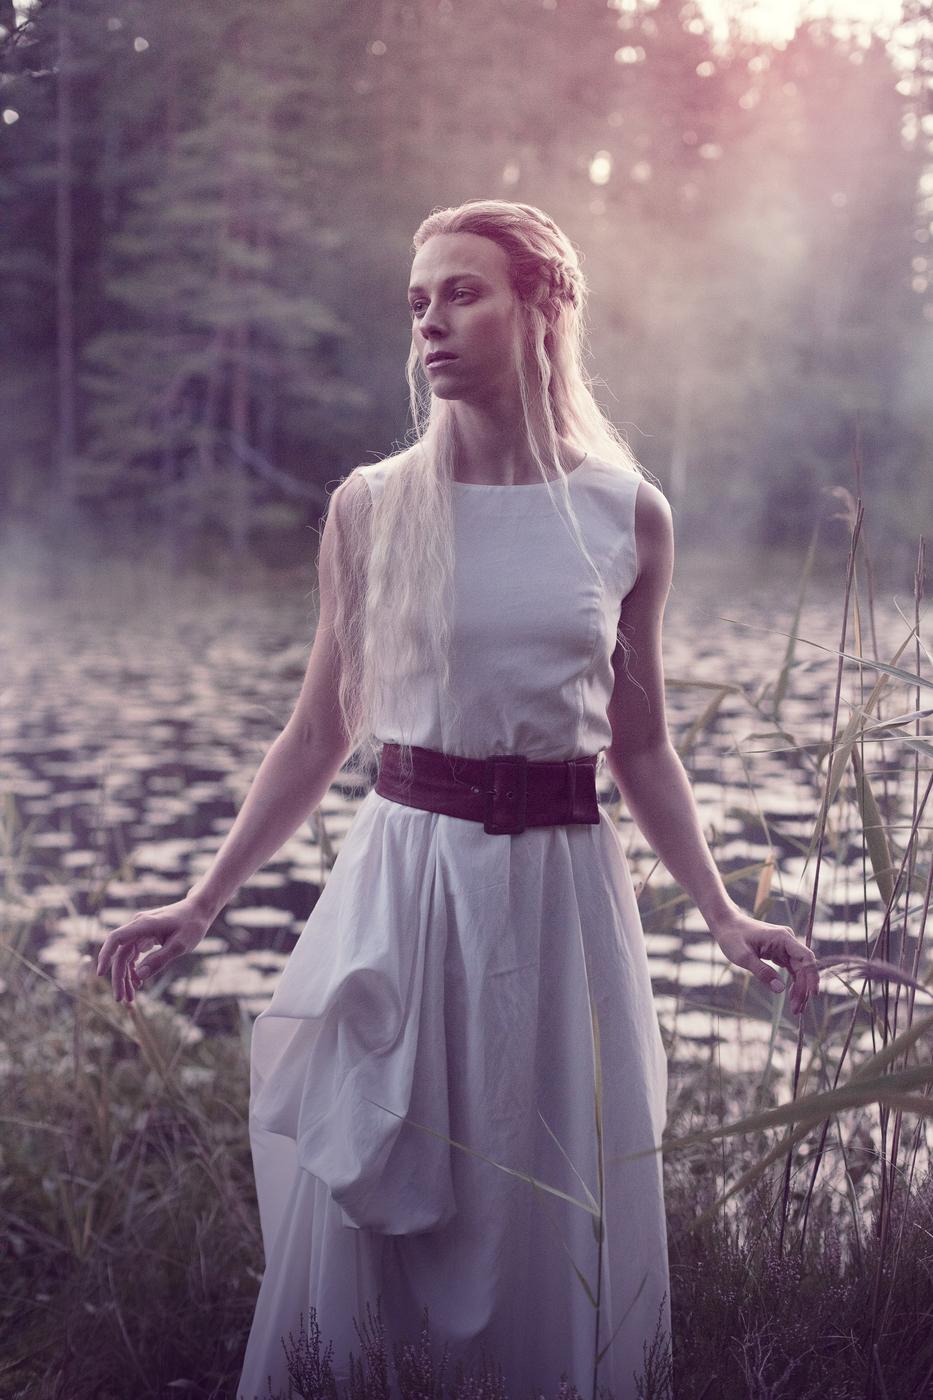 Kalevalanmaa-Ballet_Aino_Photo-Saara-Salmi-1.jpg